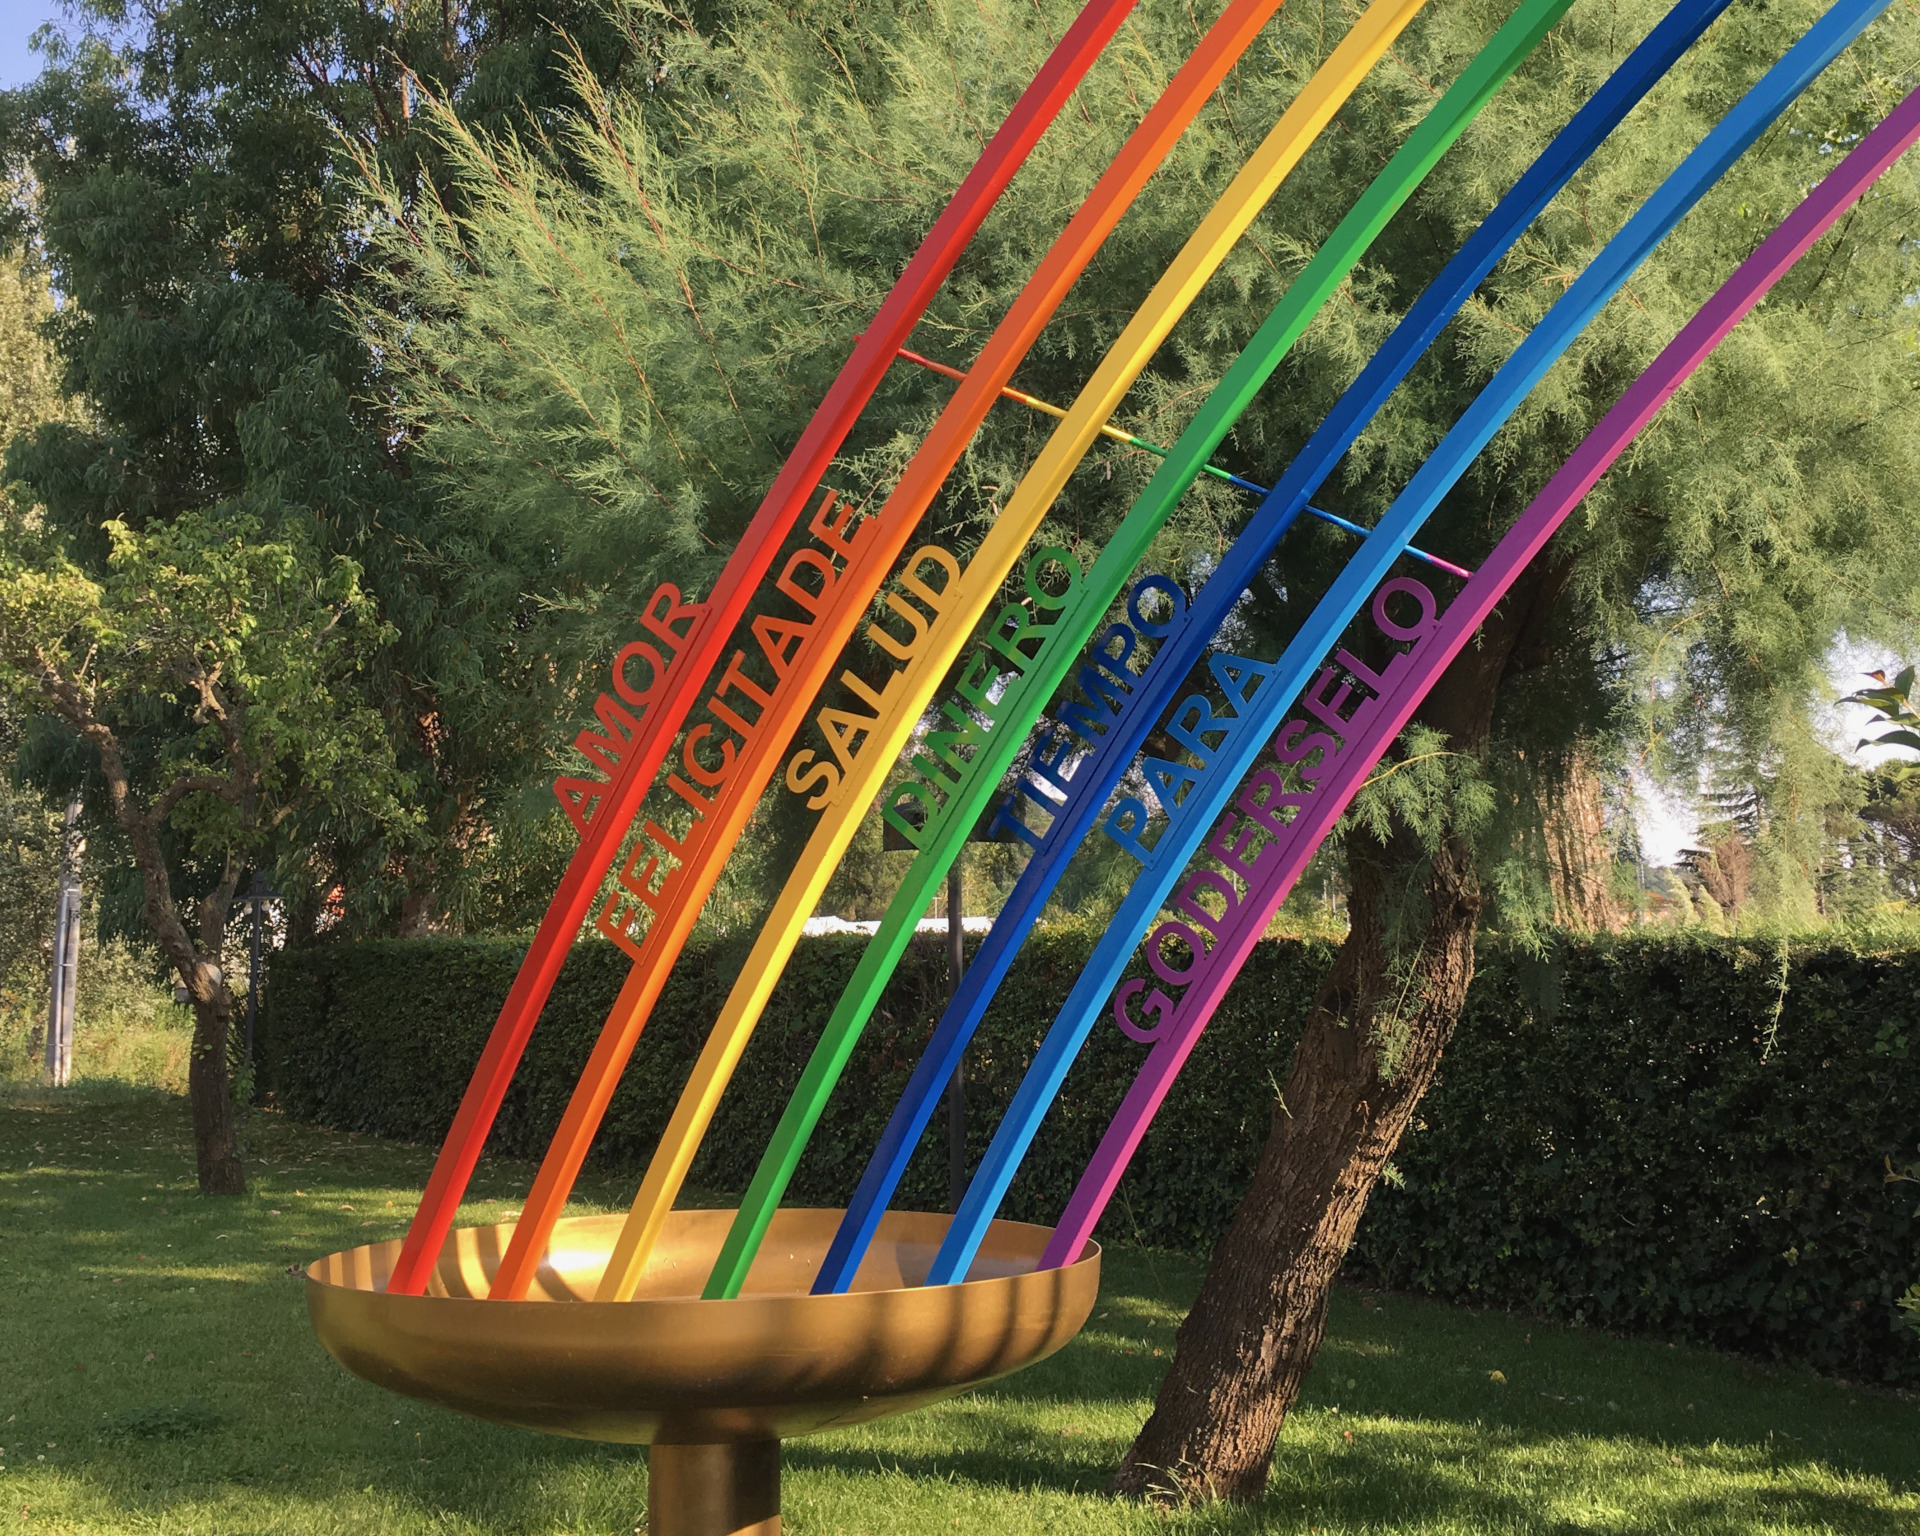 podere lovolio massarosa fondazione pomara scibetta opere d'arte l'arcobaleno